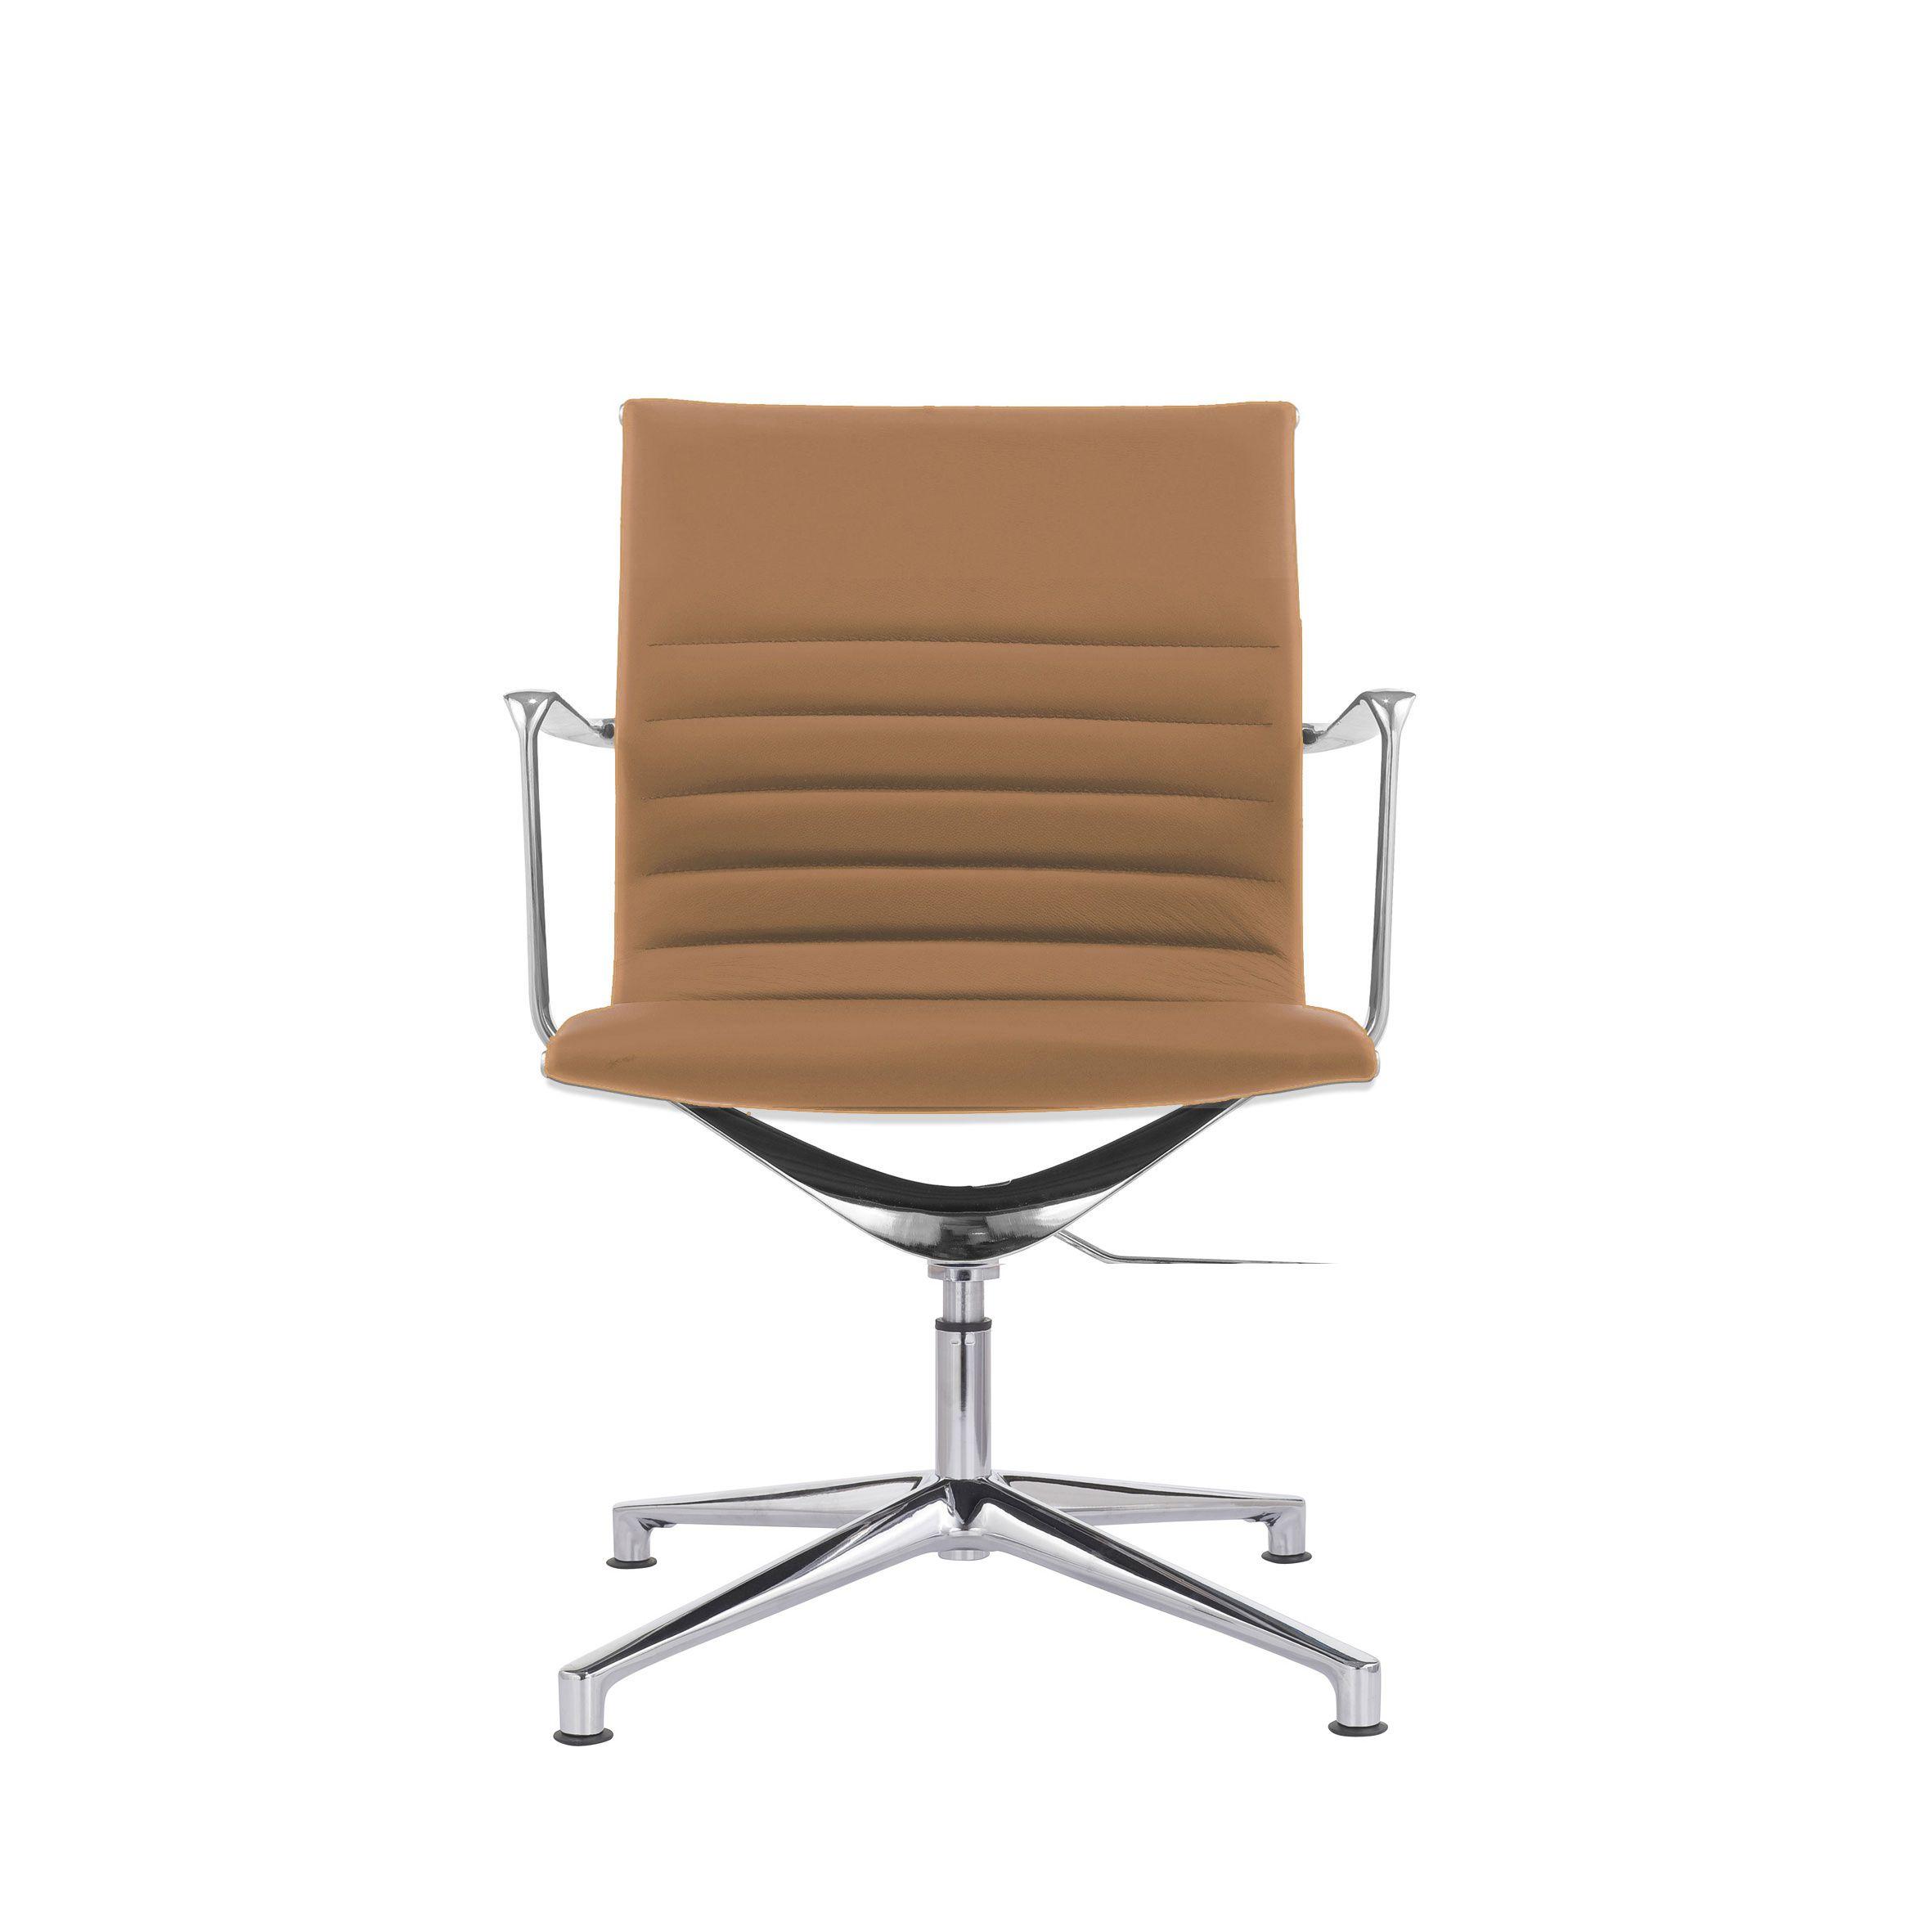 Konferenzstuhl 9045 Alu Chair Leder